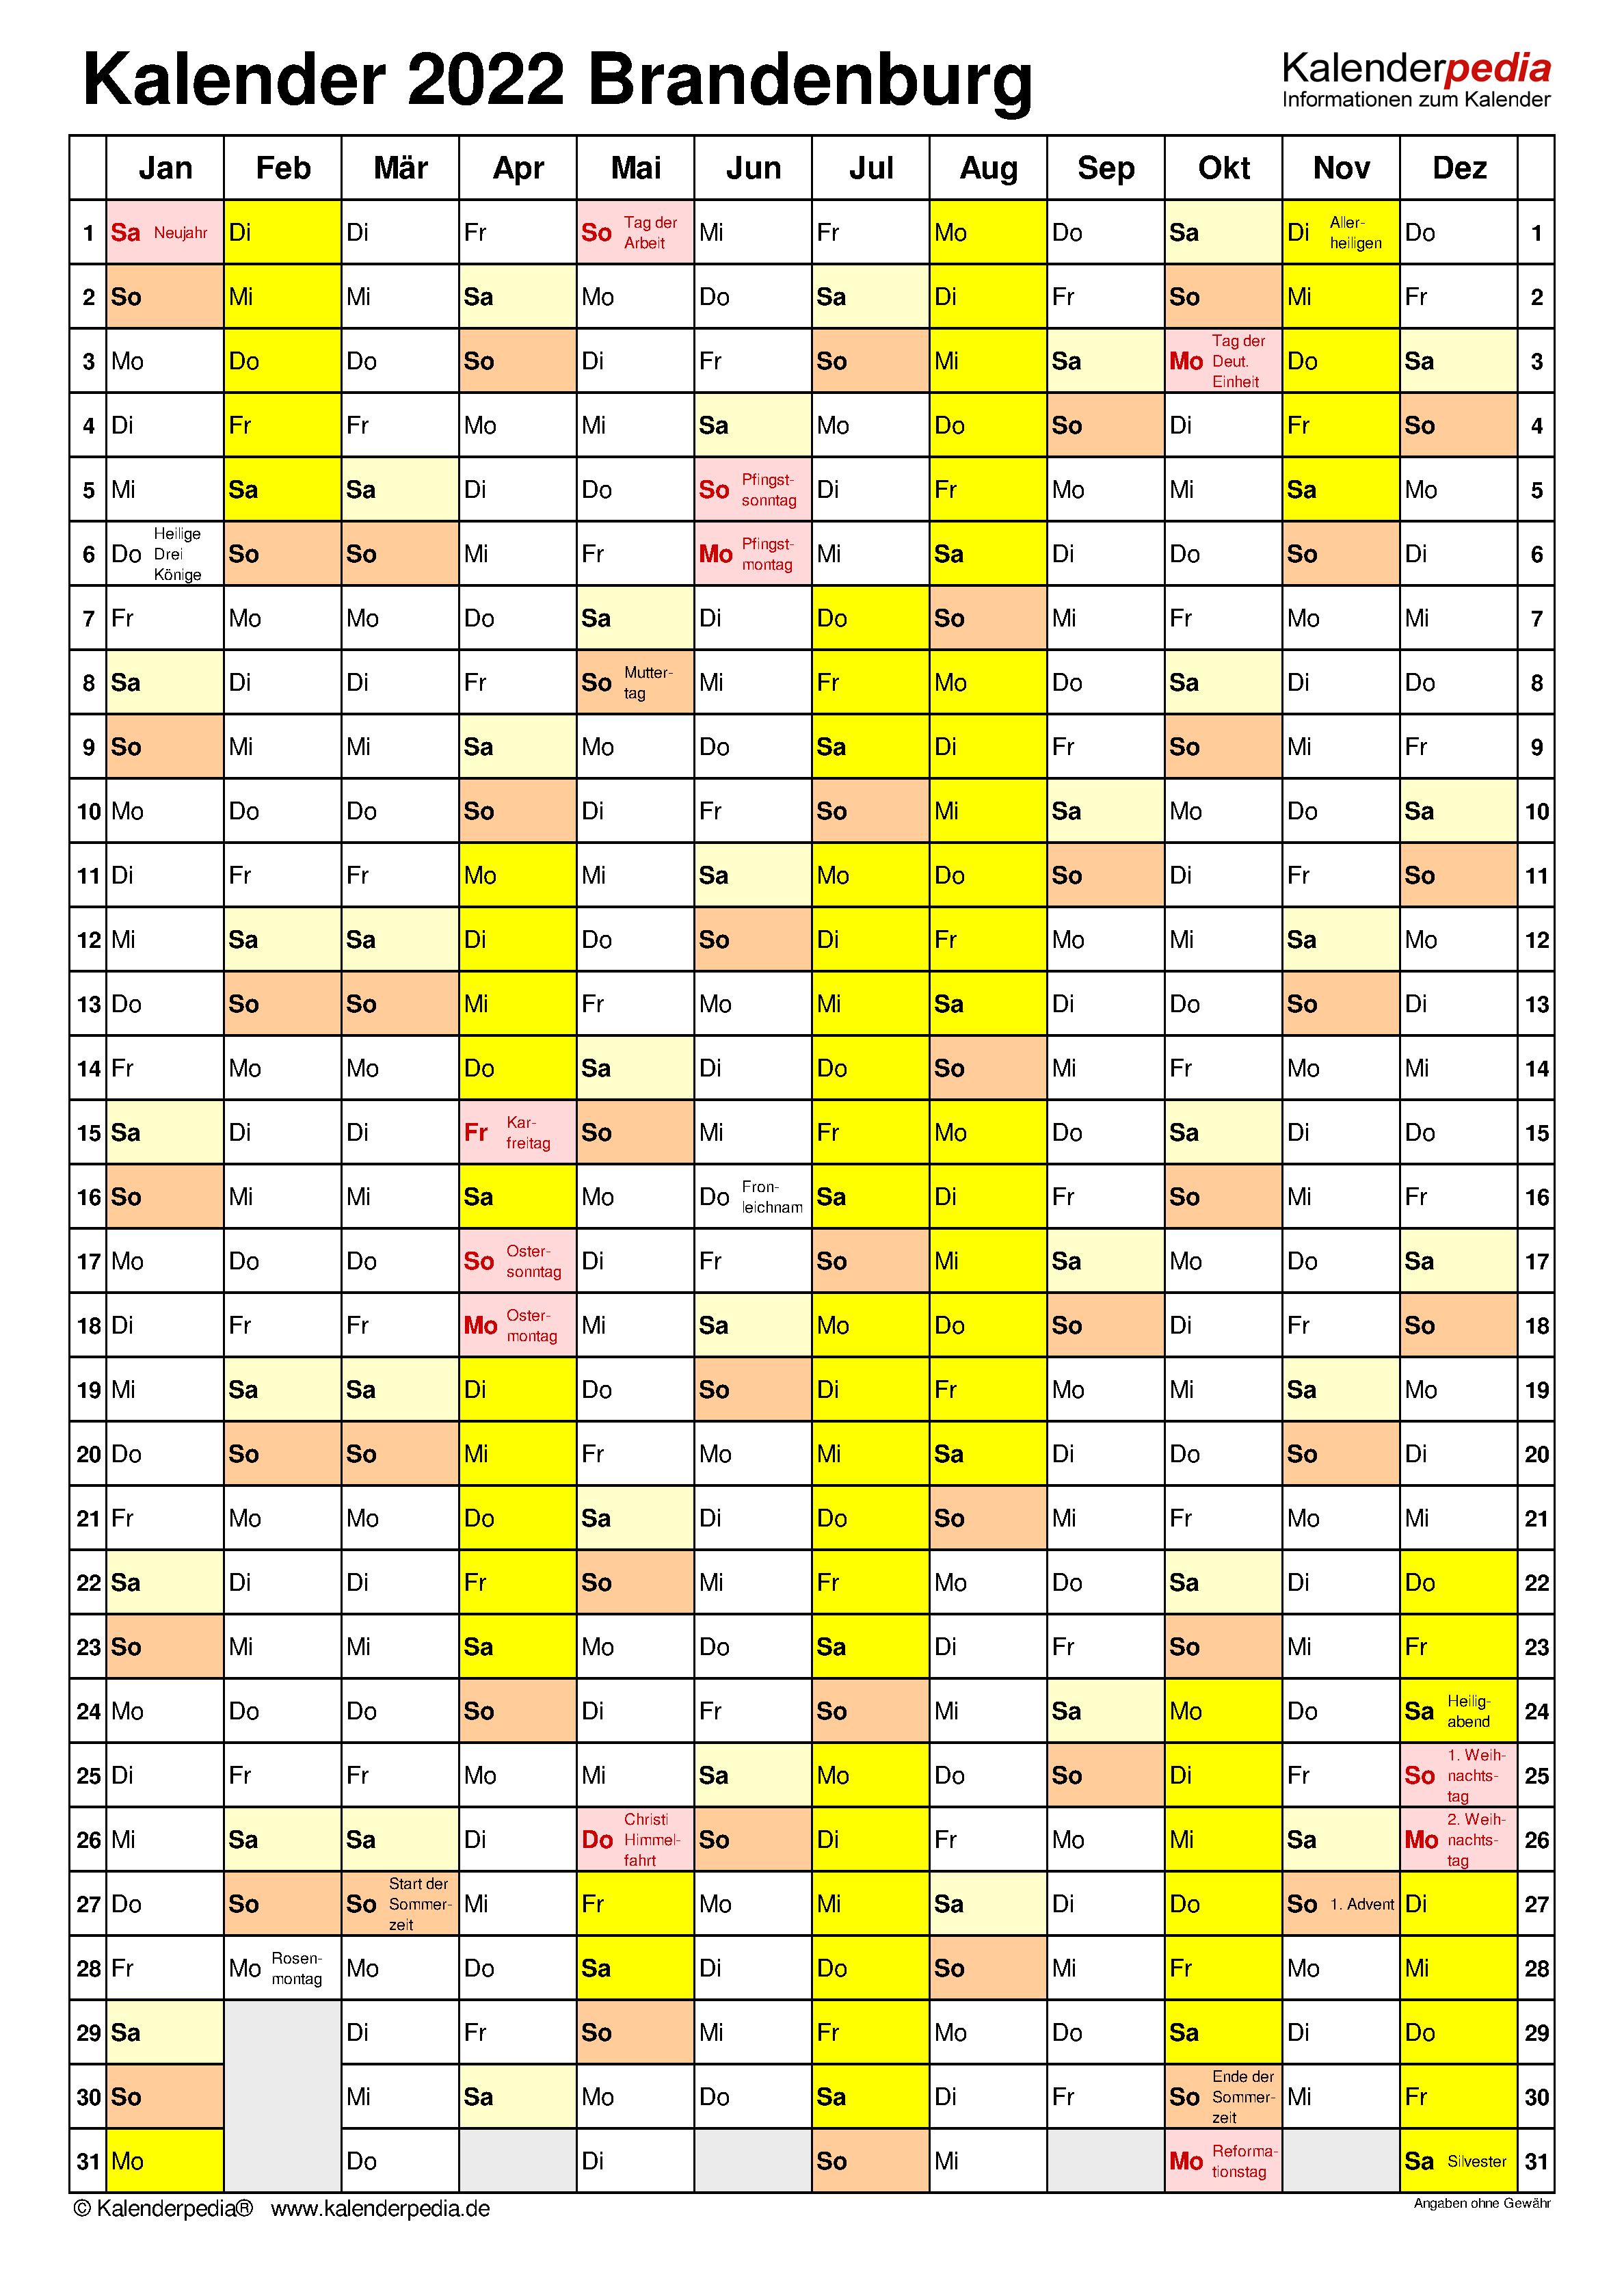 Kalender 2022 Brandenburg: Ferien, Feiertage, PDF-Vorlagen